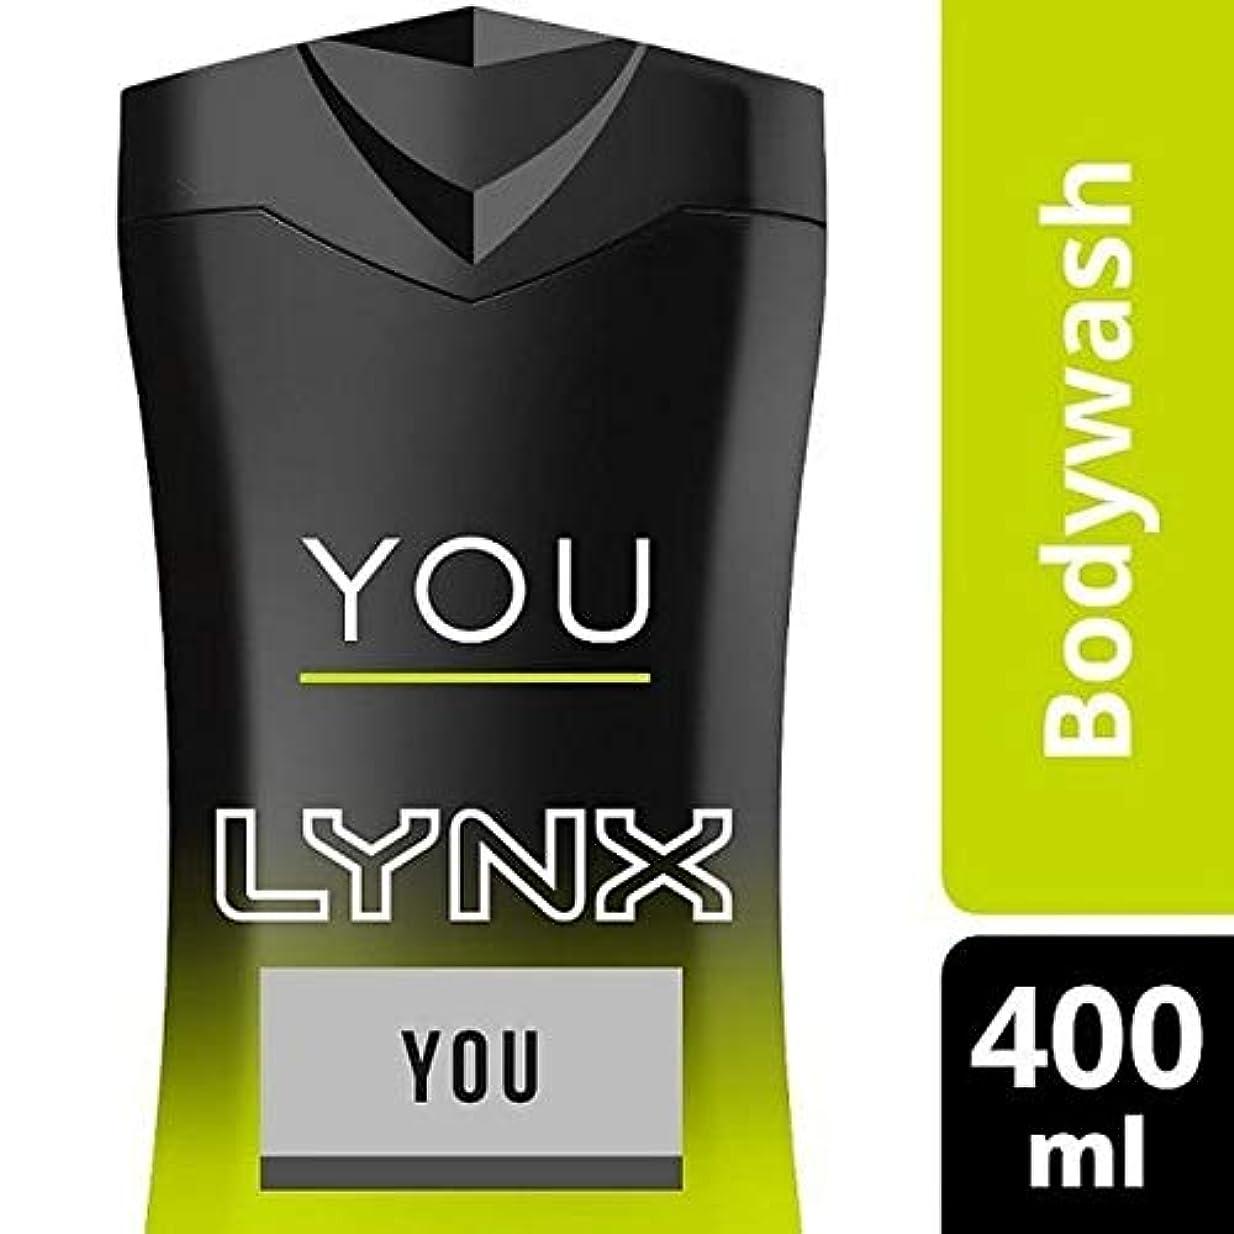 シャトル法廷凝視[Lynx ] あなたは400ミリリットルLynx - Lynx YOU 400ml [並行輸入品]